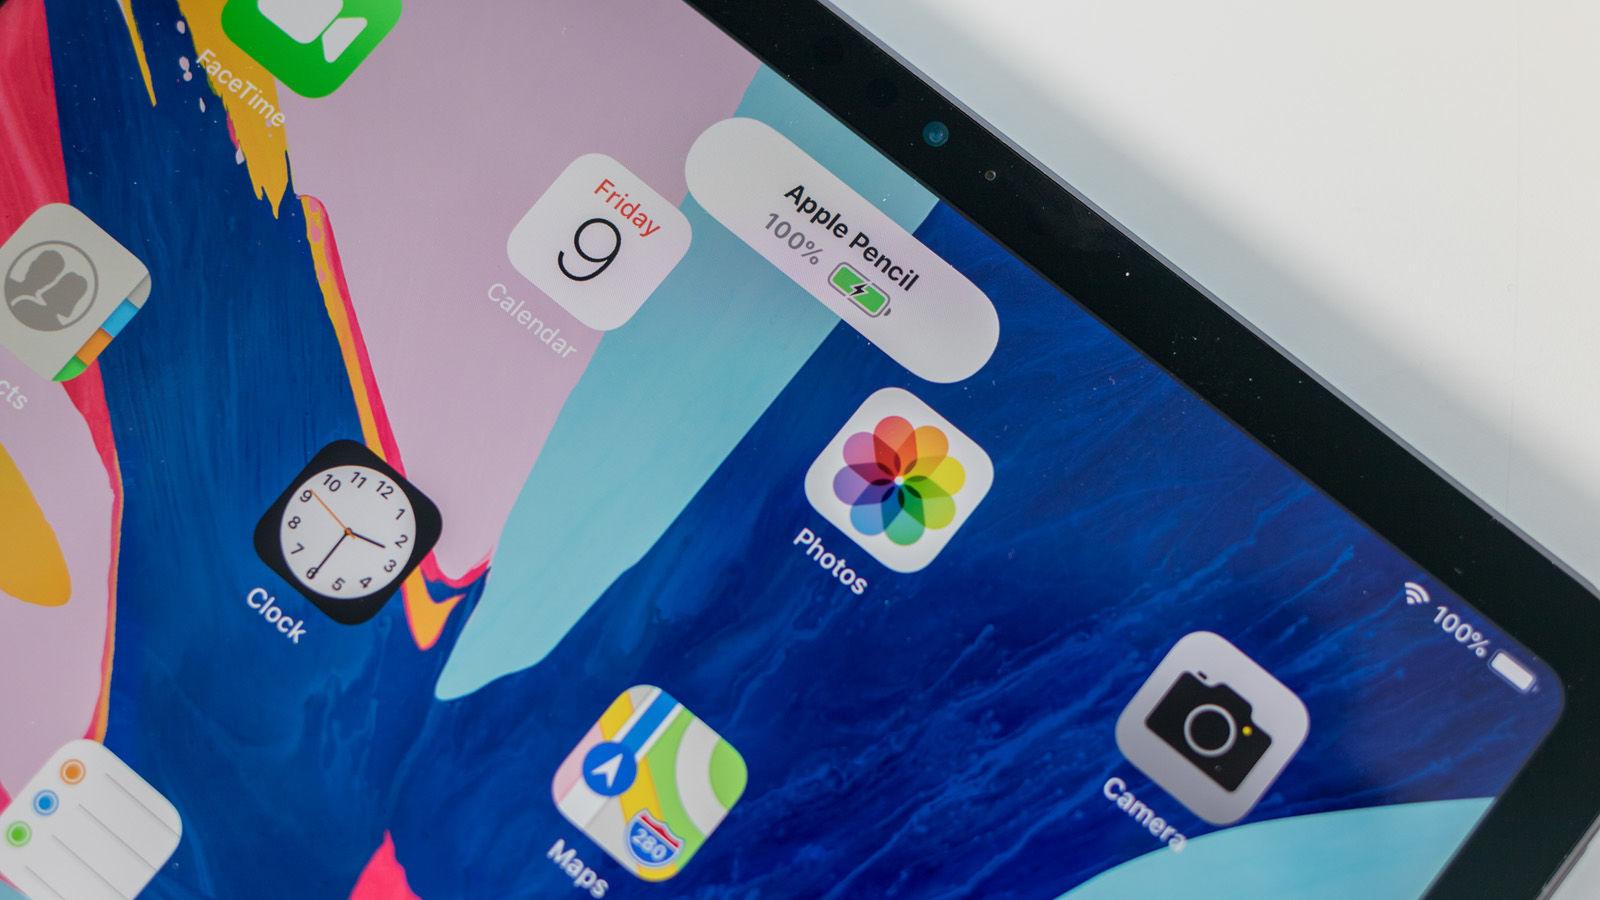 Cómo usar un iPad Pro 2018: cargar Apple Pencil